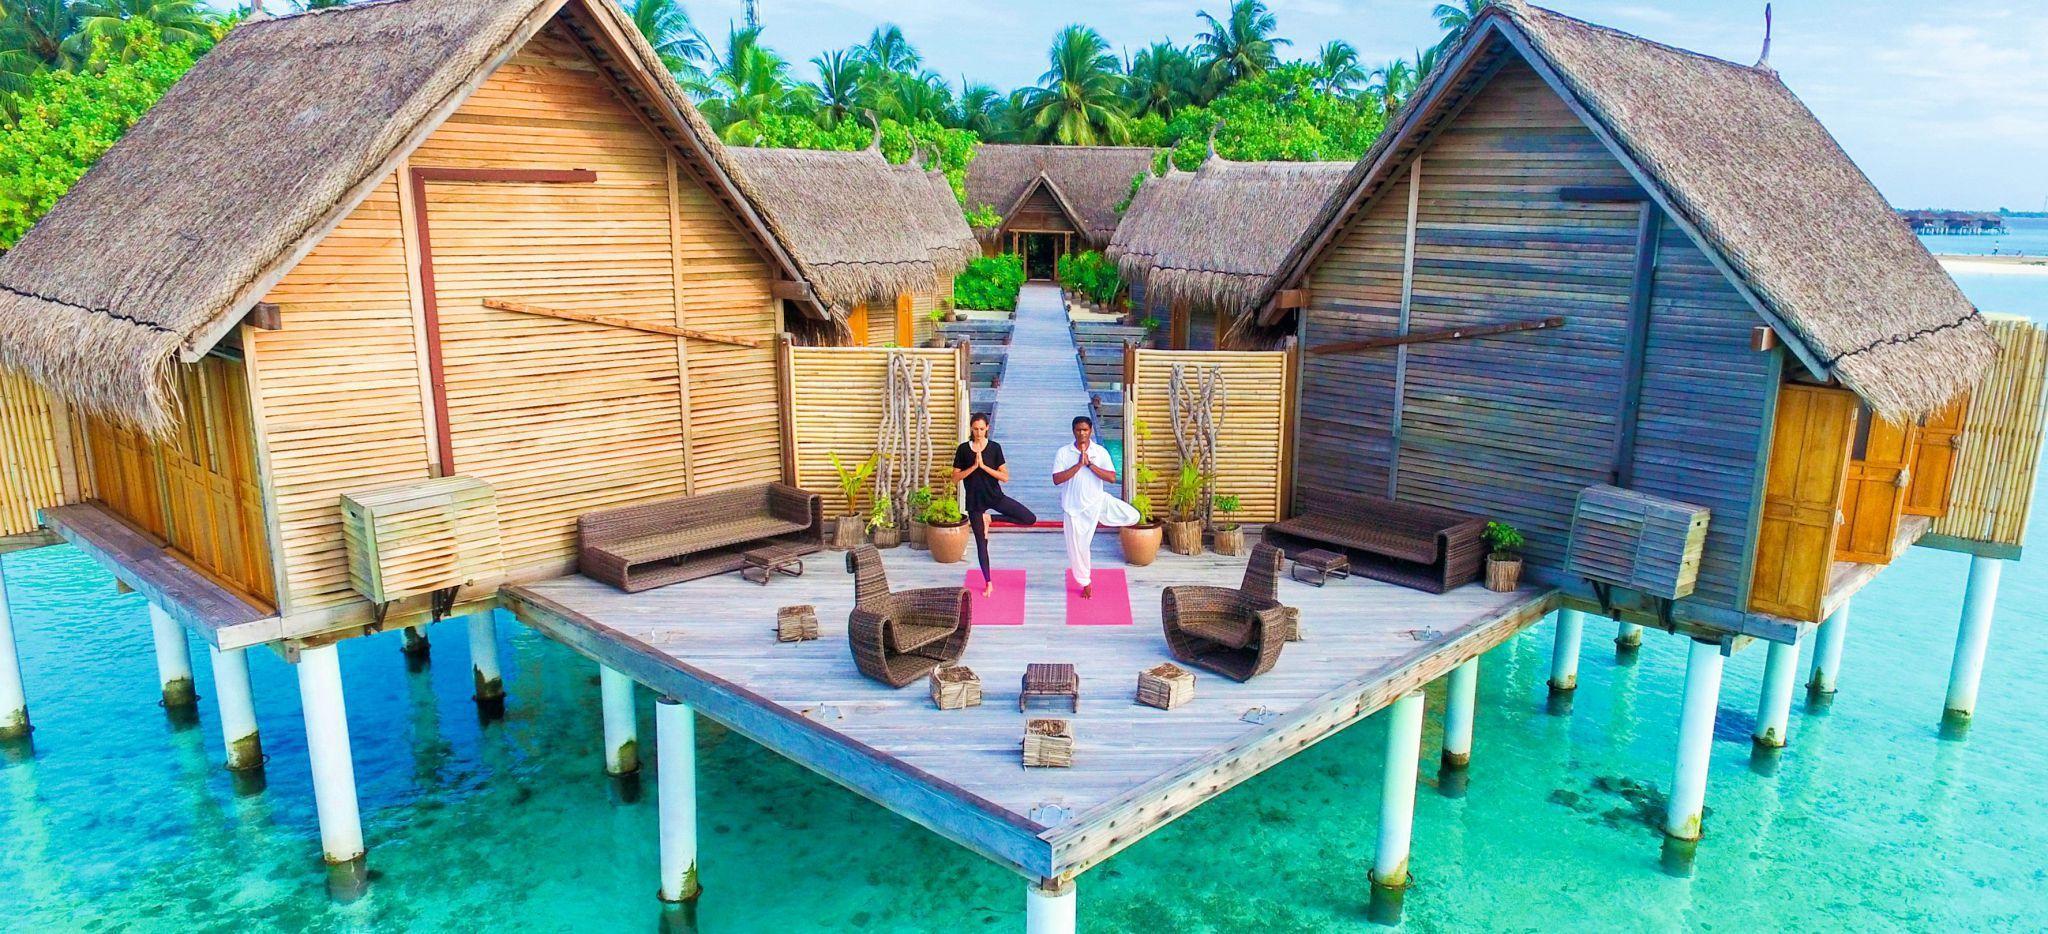 Mehrere zusammengeschlossene Wasservillen, in denen sich das Spa des Hotels Constance Moofushi auf den Malediven befindet